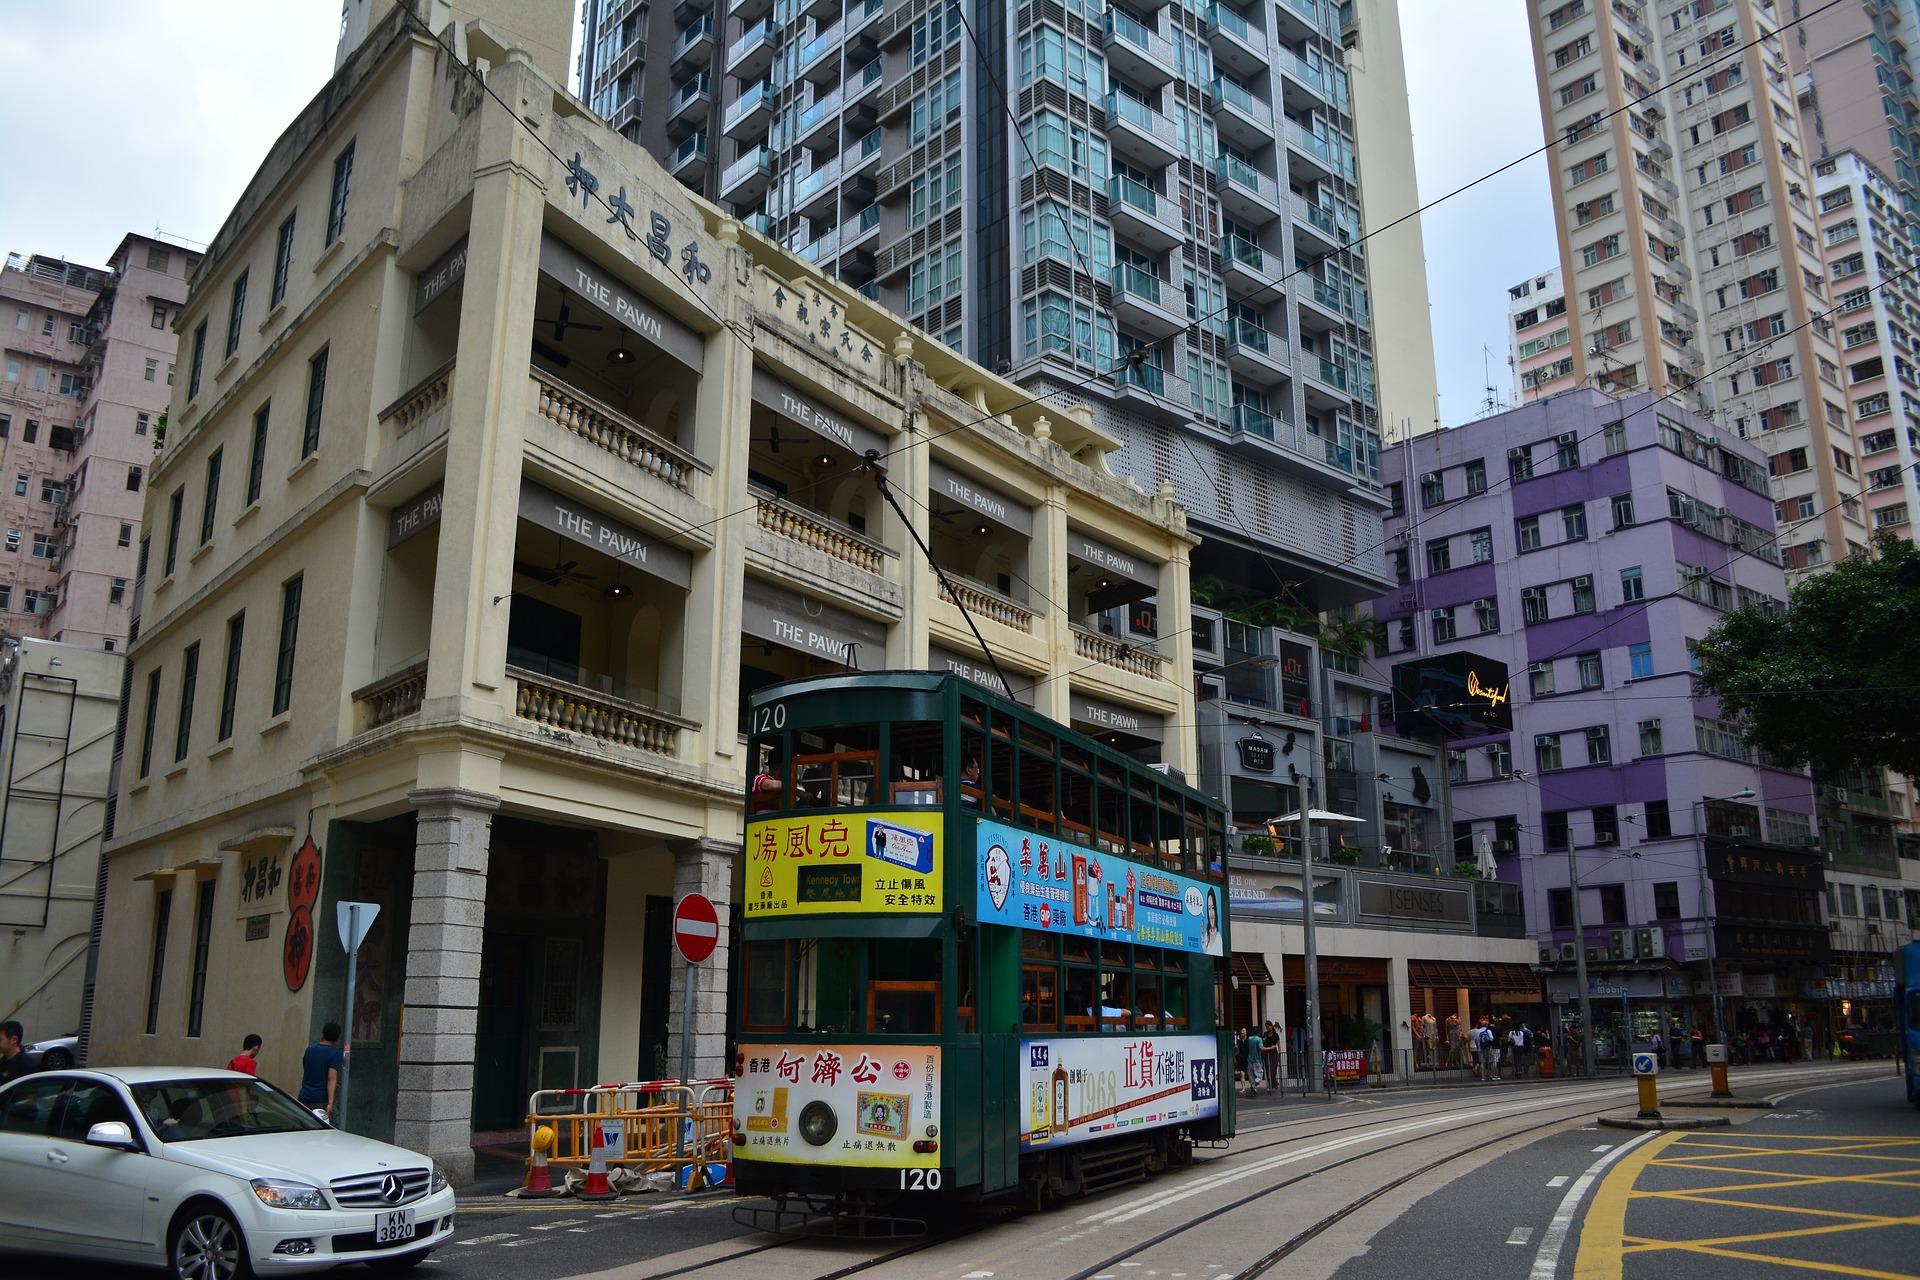 Hongkong a mobilitási index élén